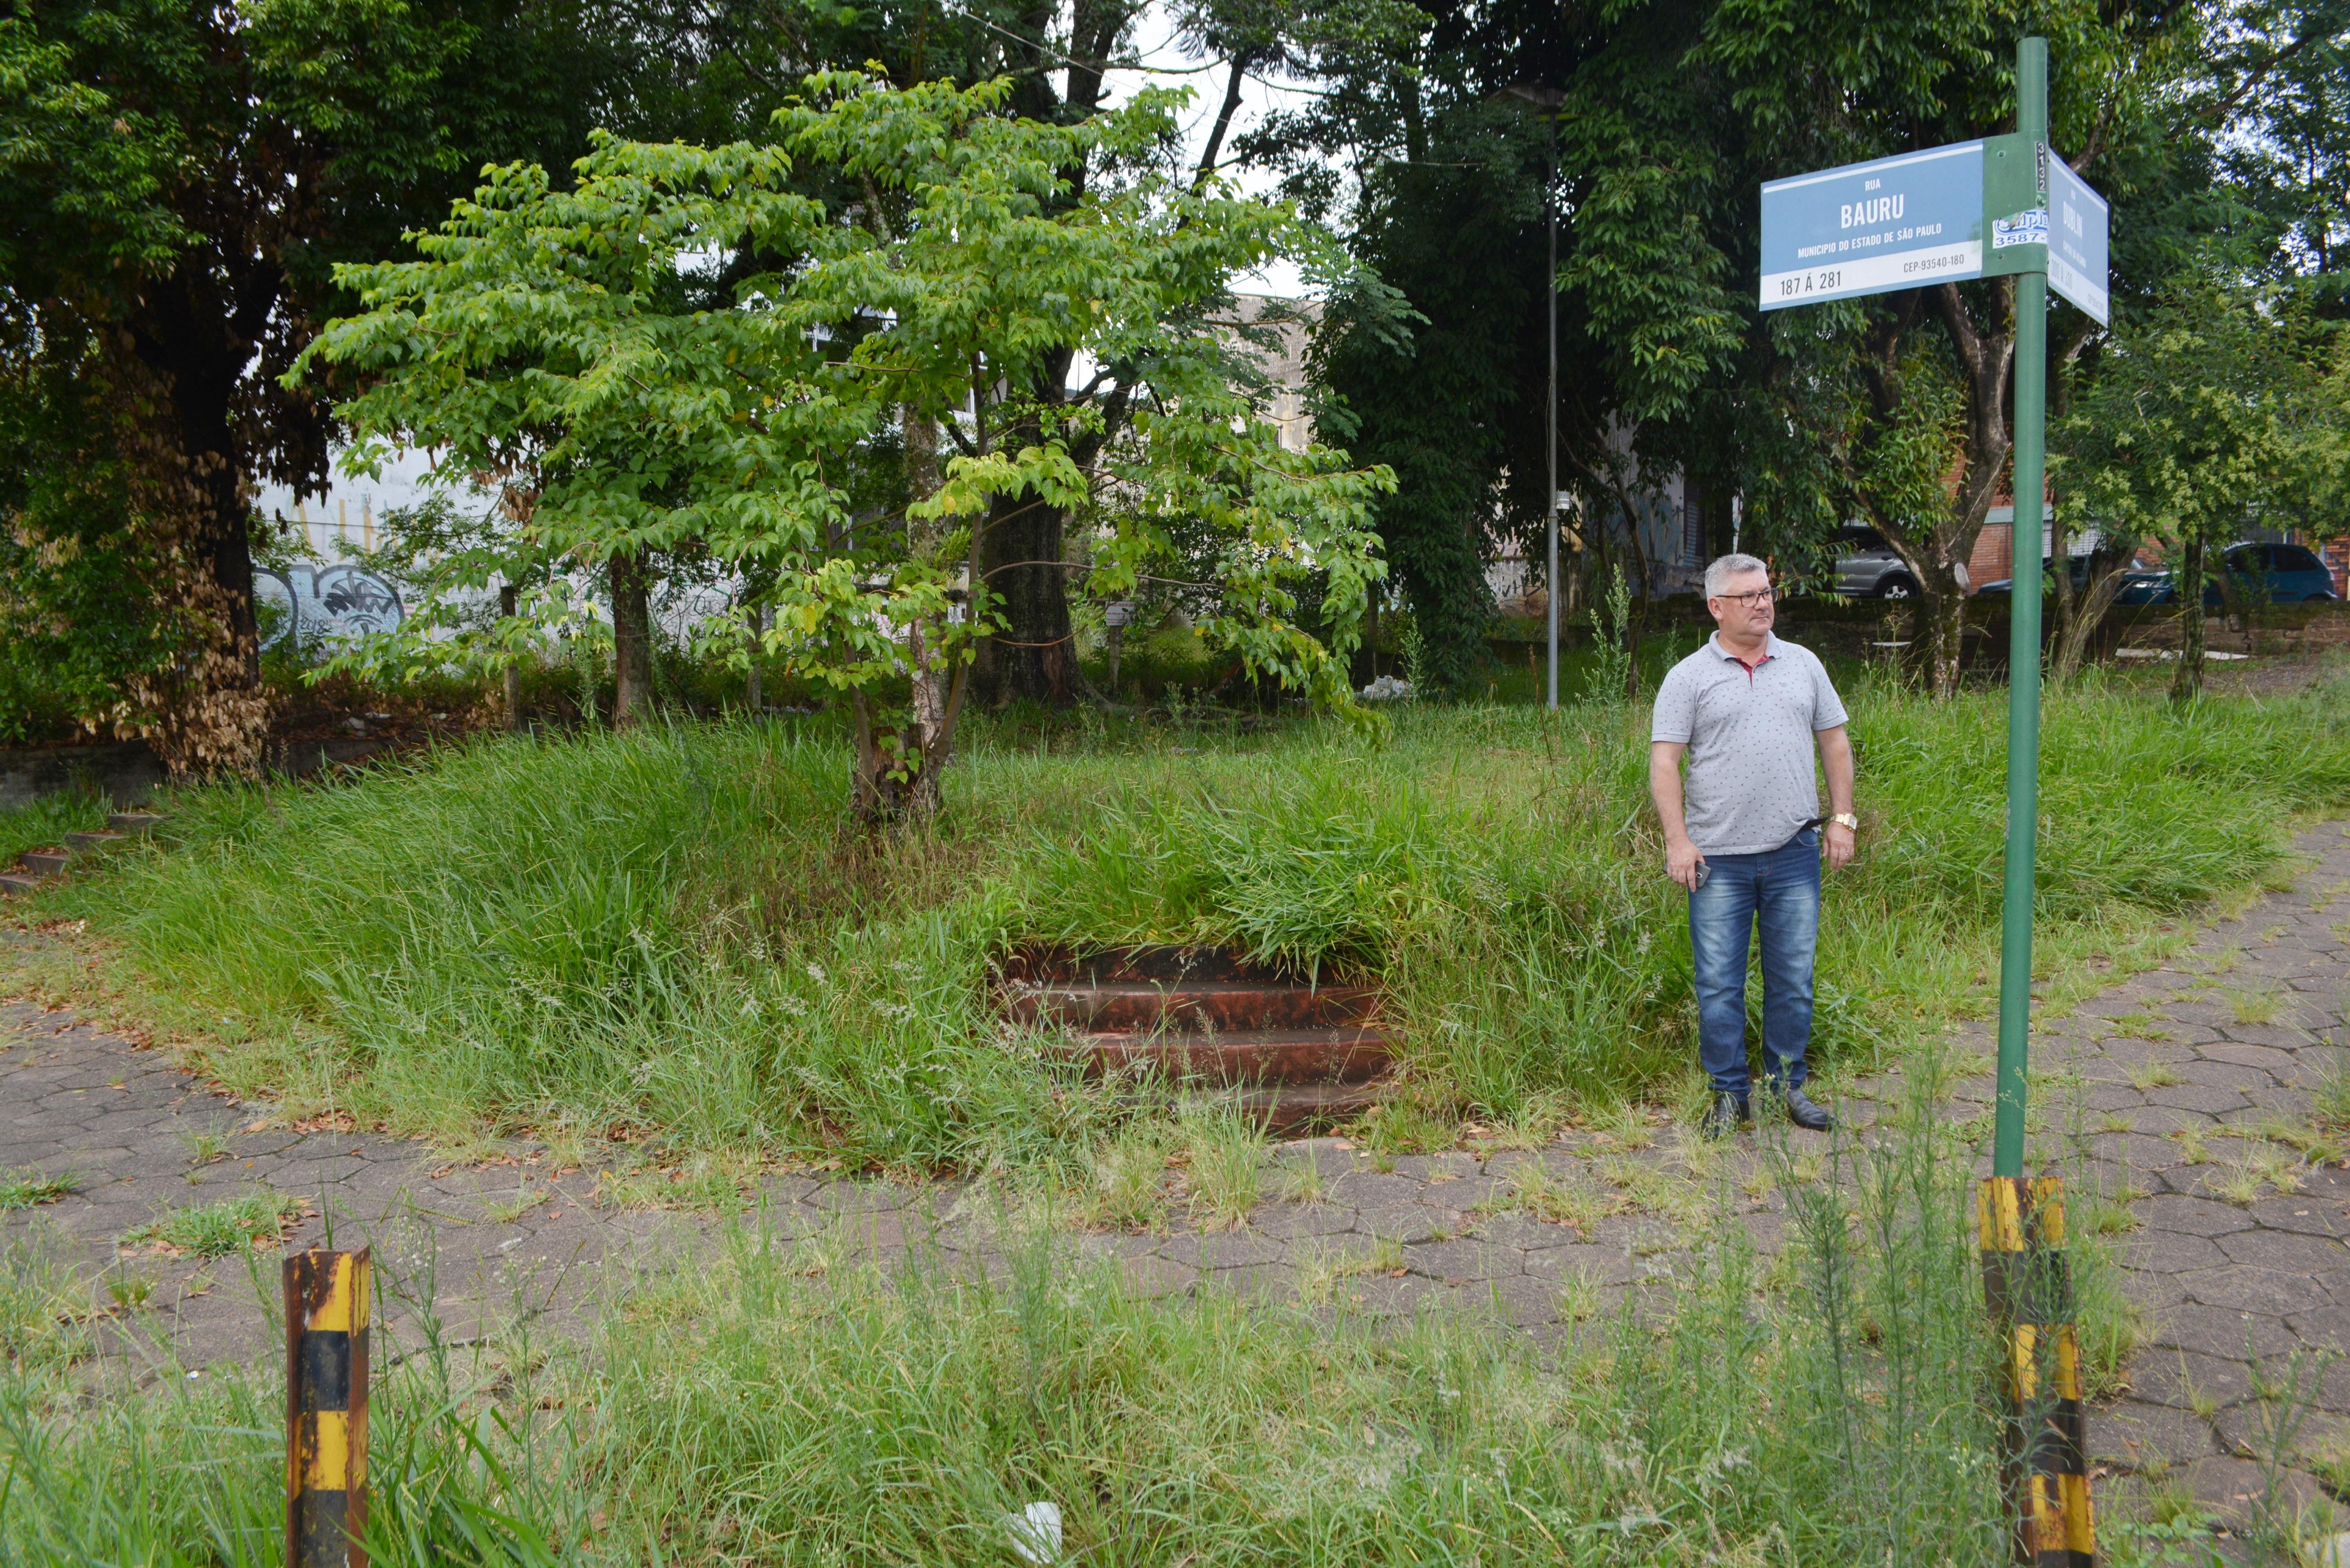 17/01/2019 - Vereador Nor Boeno protocola pedidos de melhorias em espaço de lazer na Vila Kunz